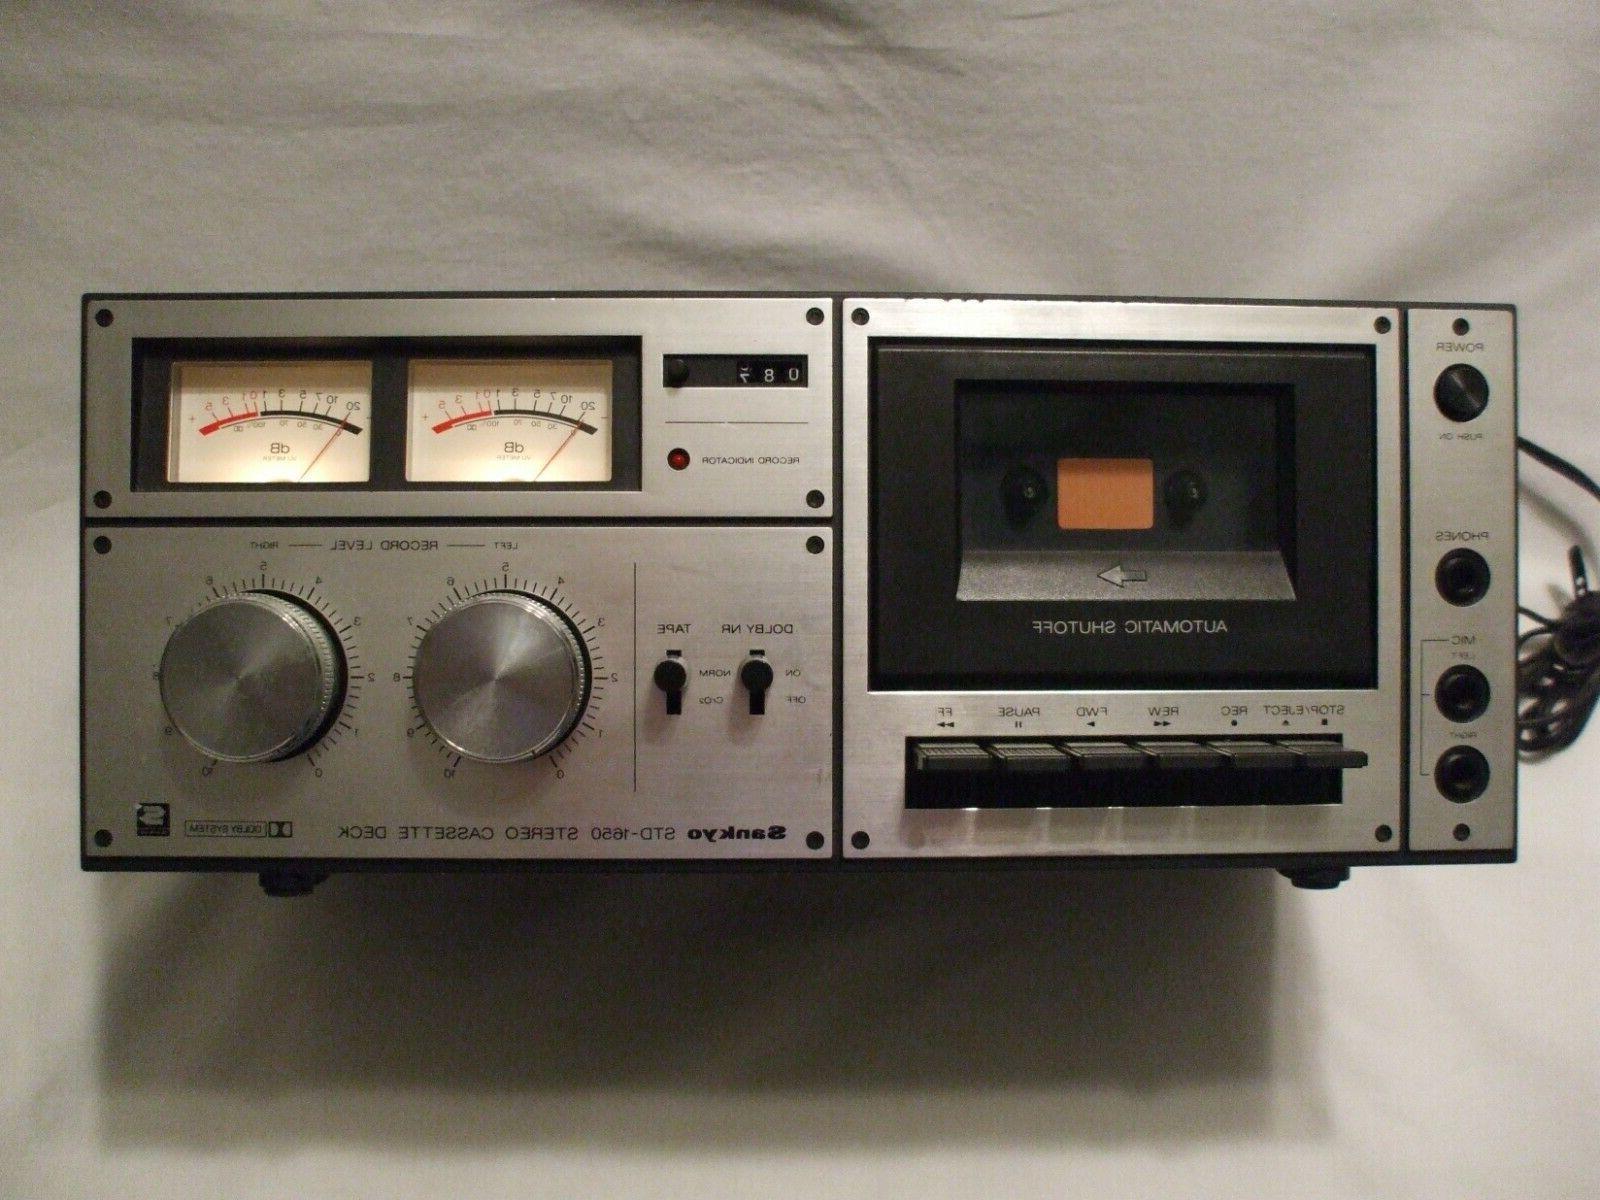 std 1650 stereo cassette deck vintage 1980